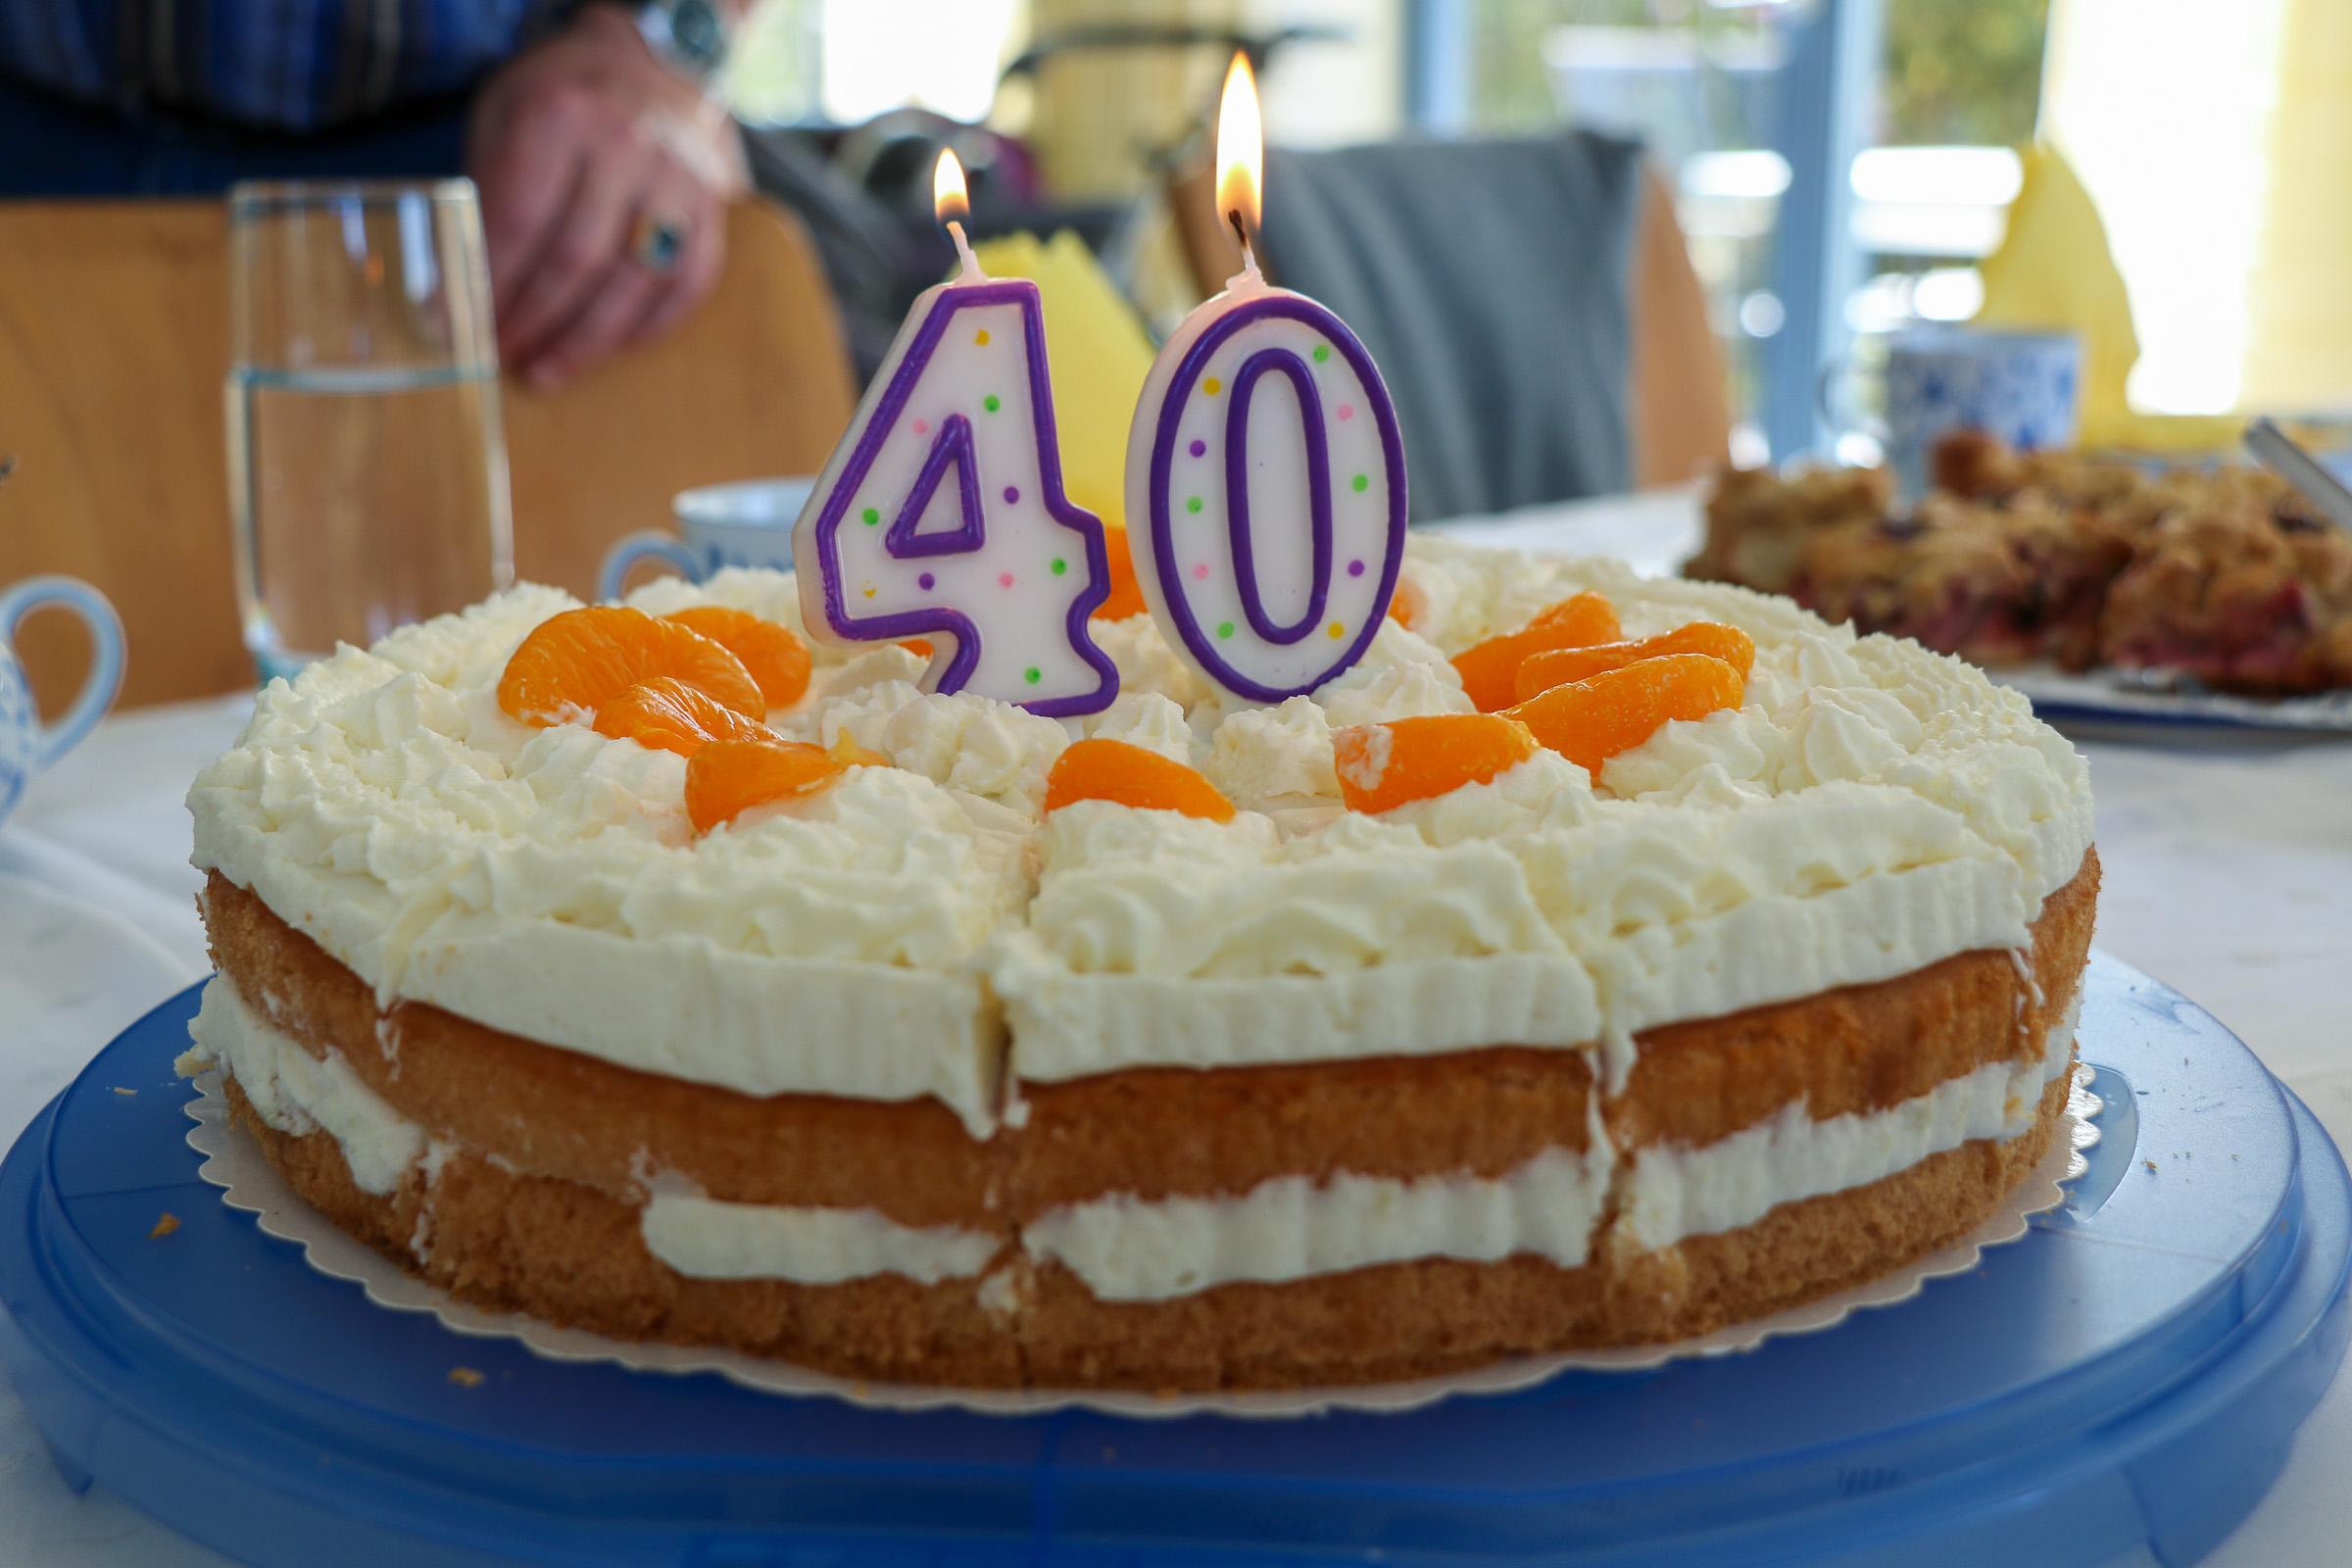 Eine Torte mit zwei brennenden Kerzen in der Mitte, eine 4 und eine 0.